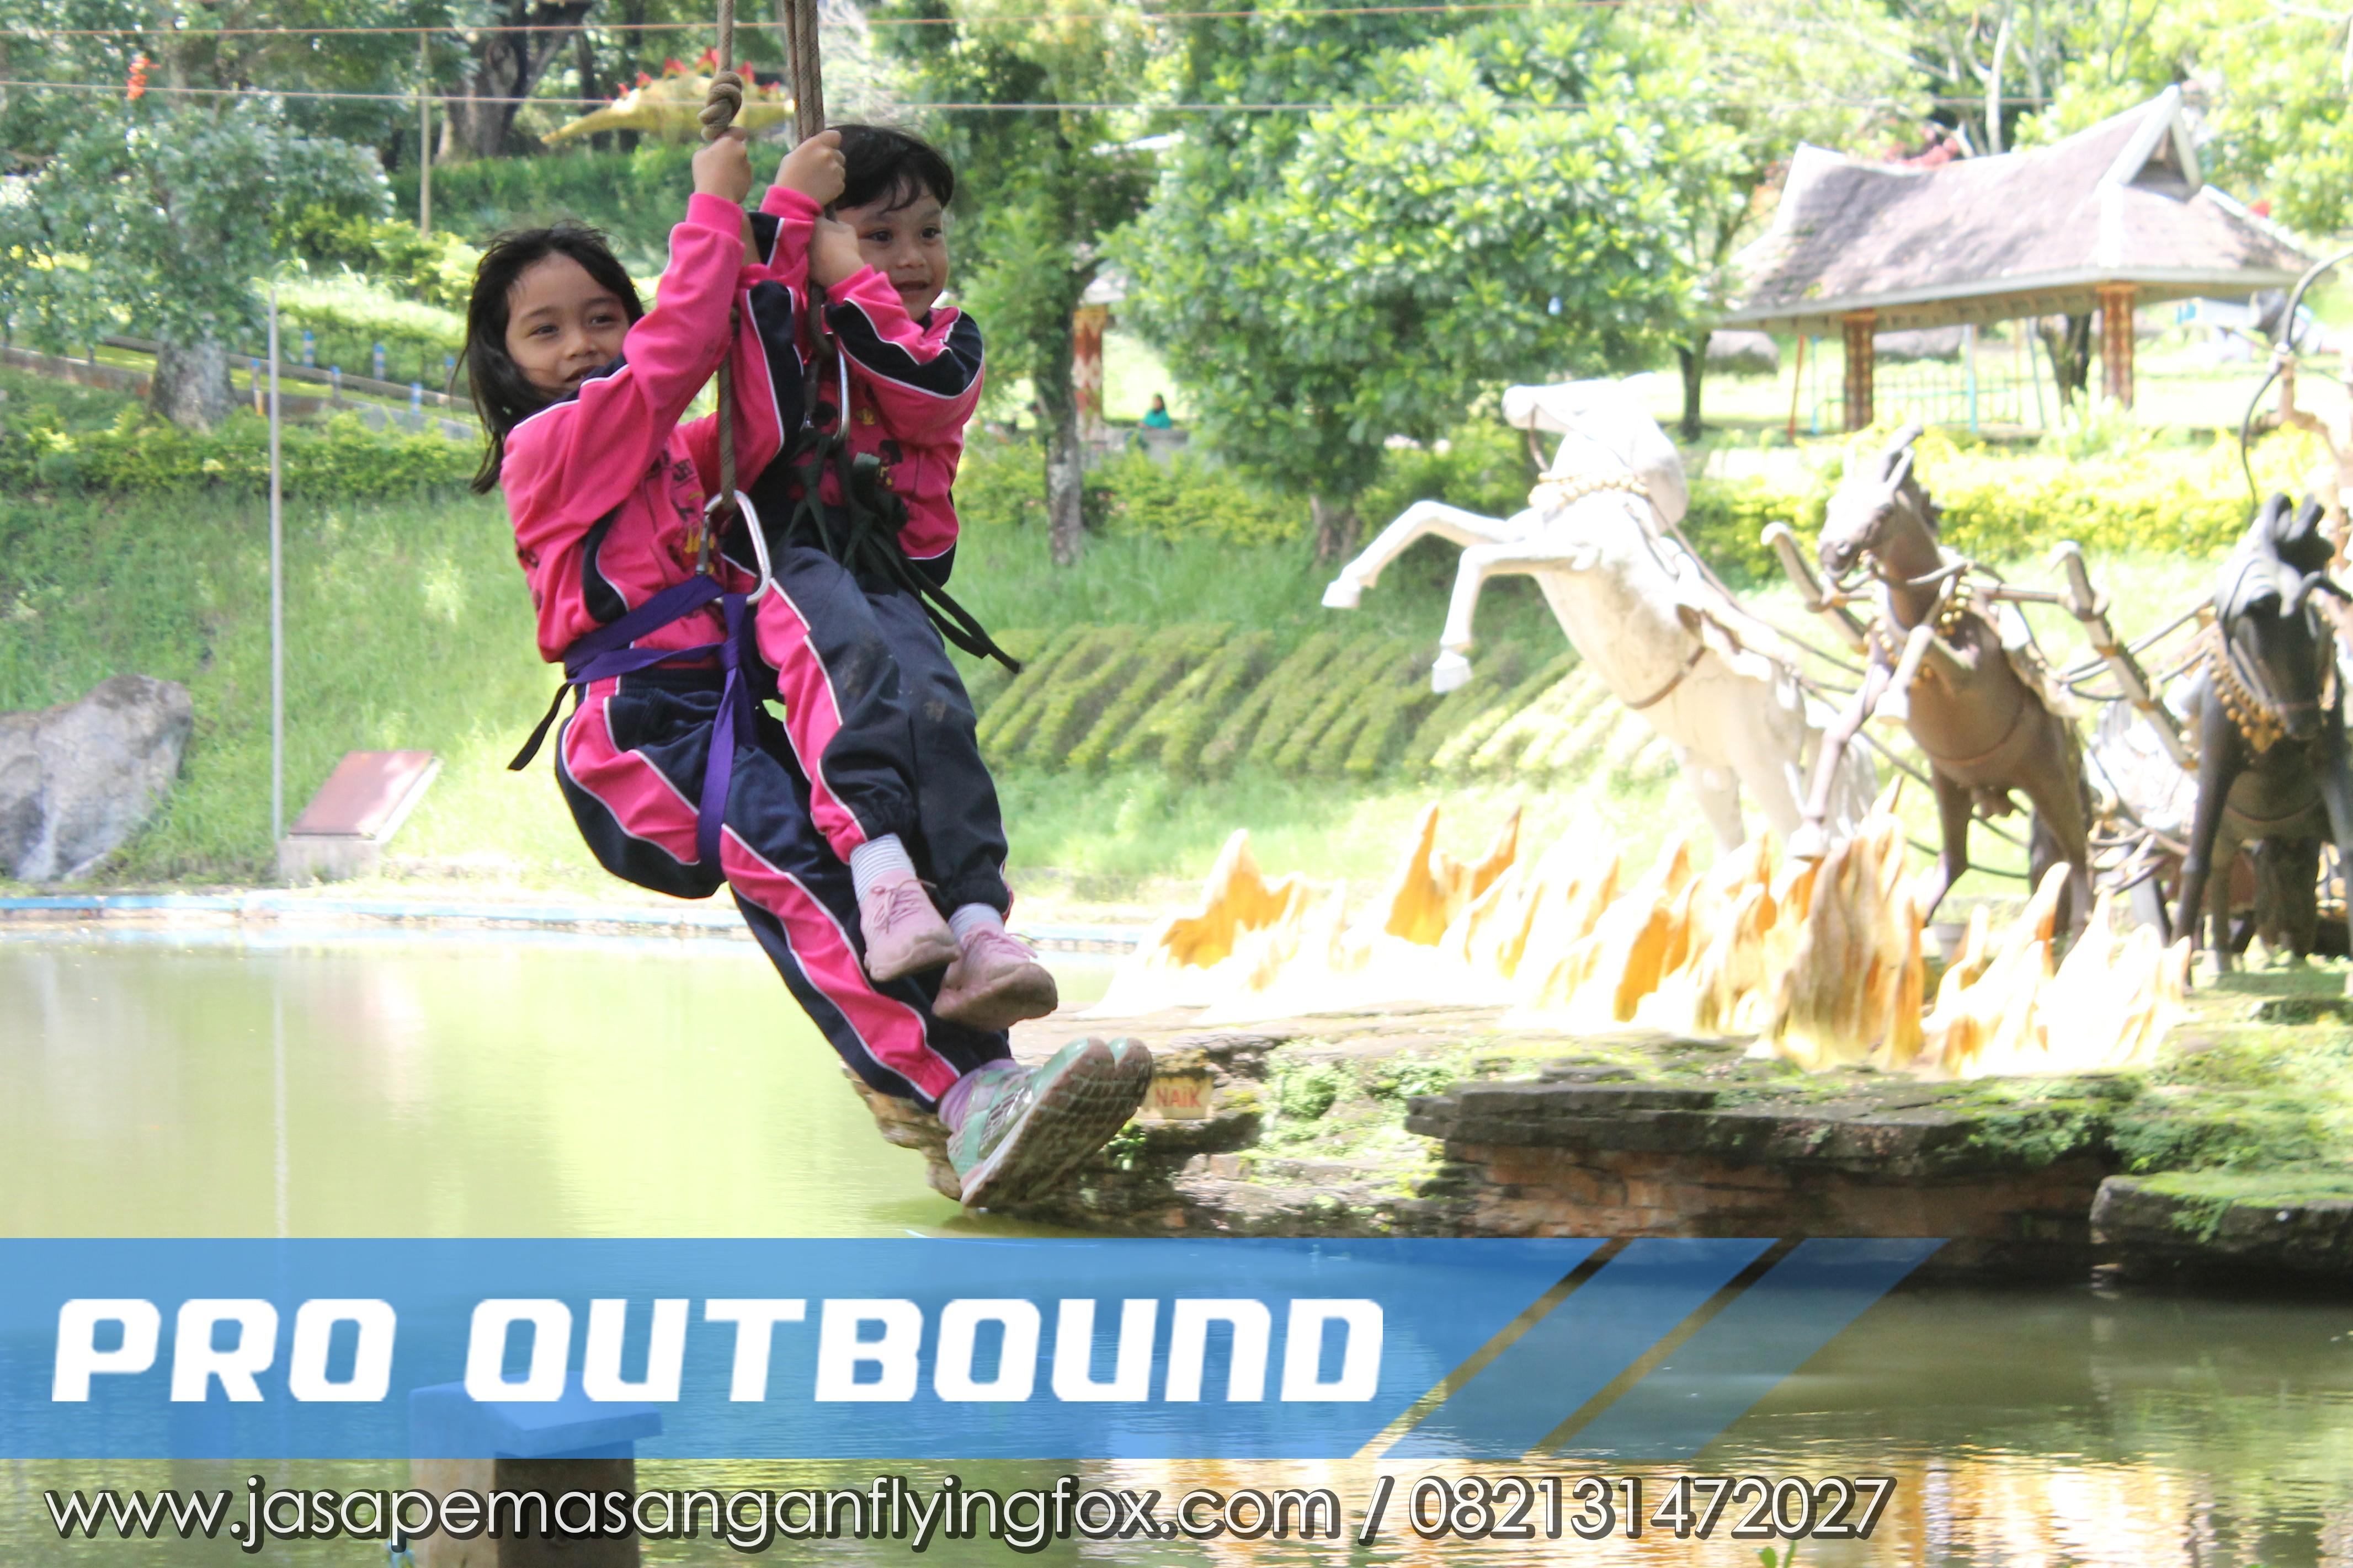 Melawan Rasa Takut Melalui Kegiatan Highrope - Flyingfox Untuk Anak Kalimantan, 082131472027 (5)